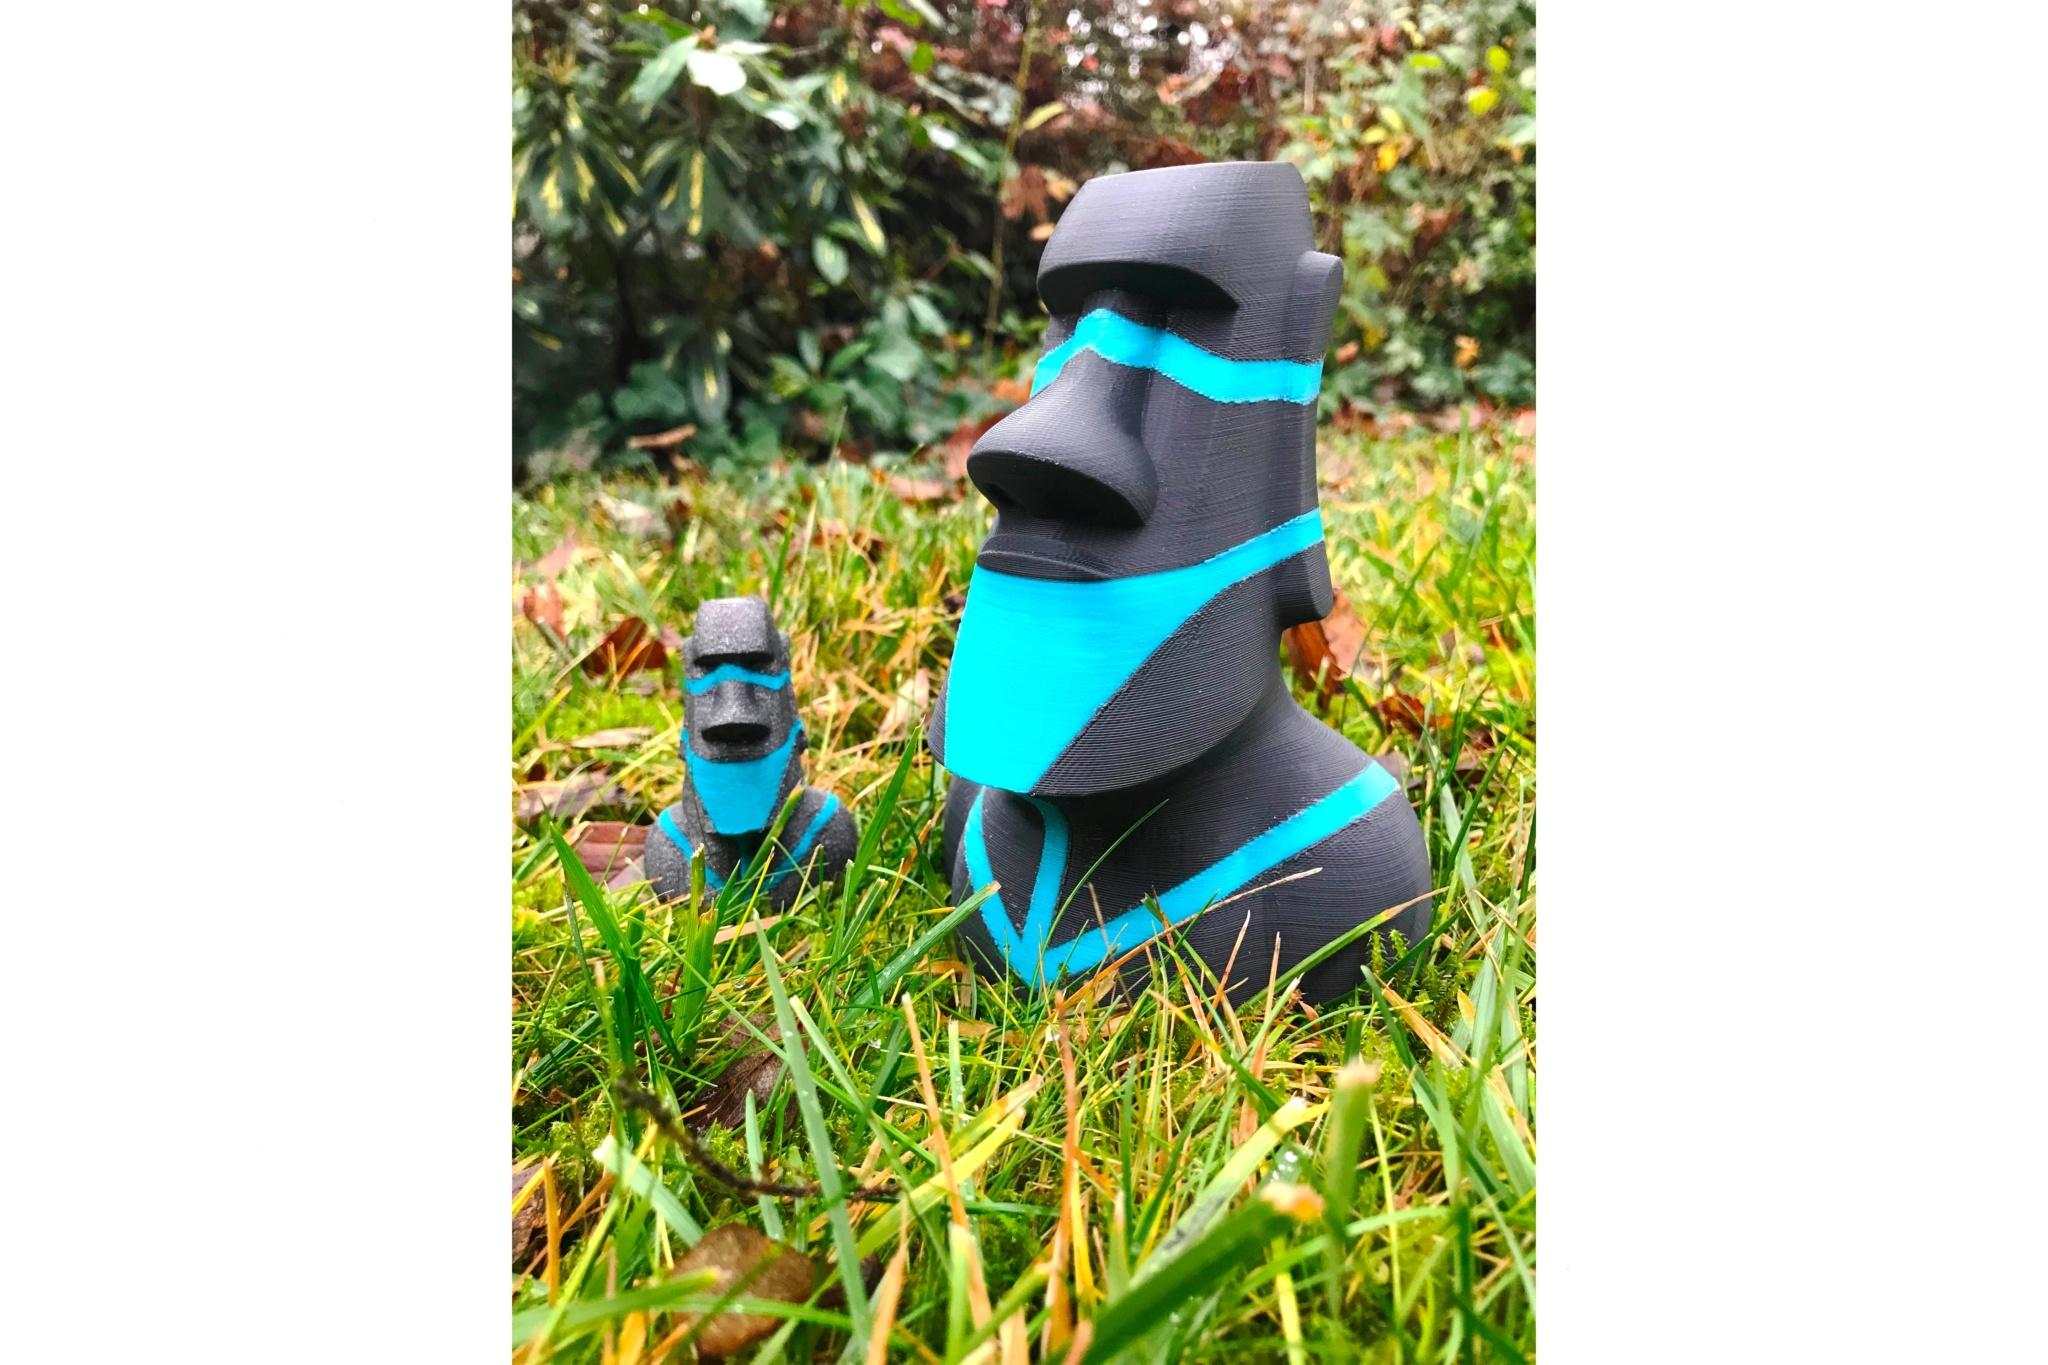 Impression 3D util buse multi-matériaux imprimante 3D multifonctions EVY